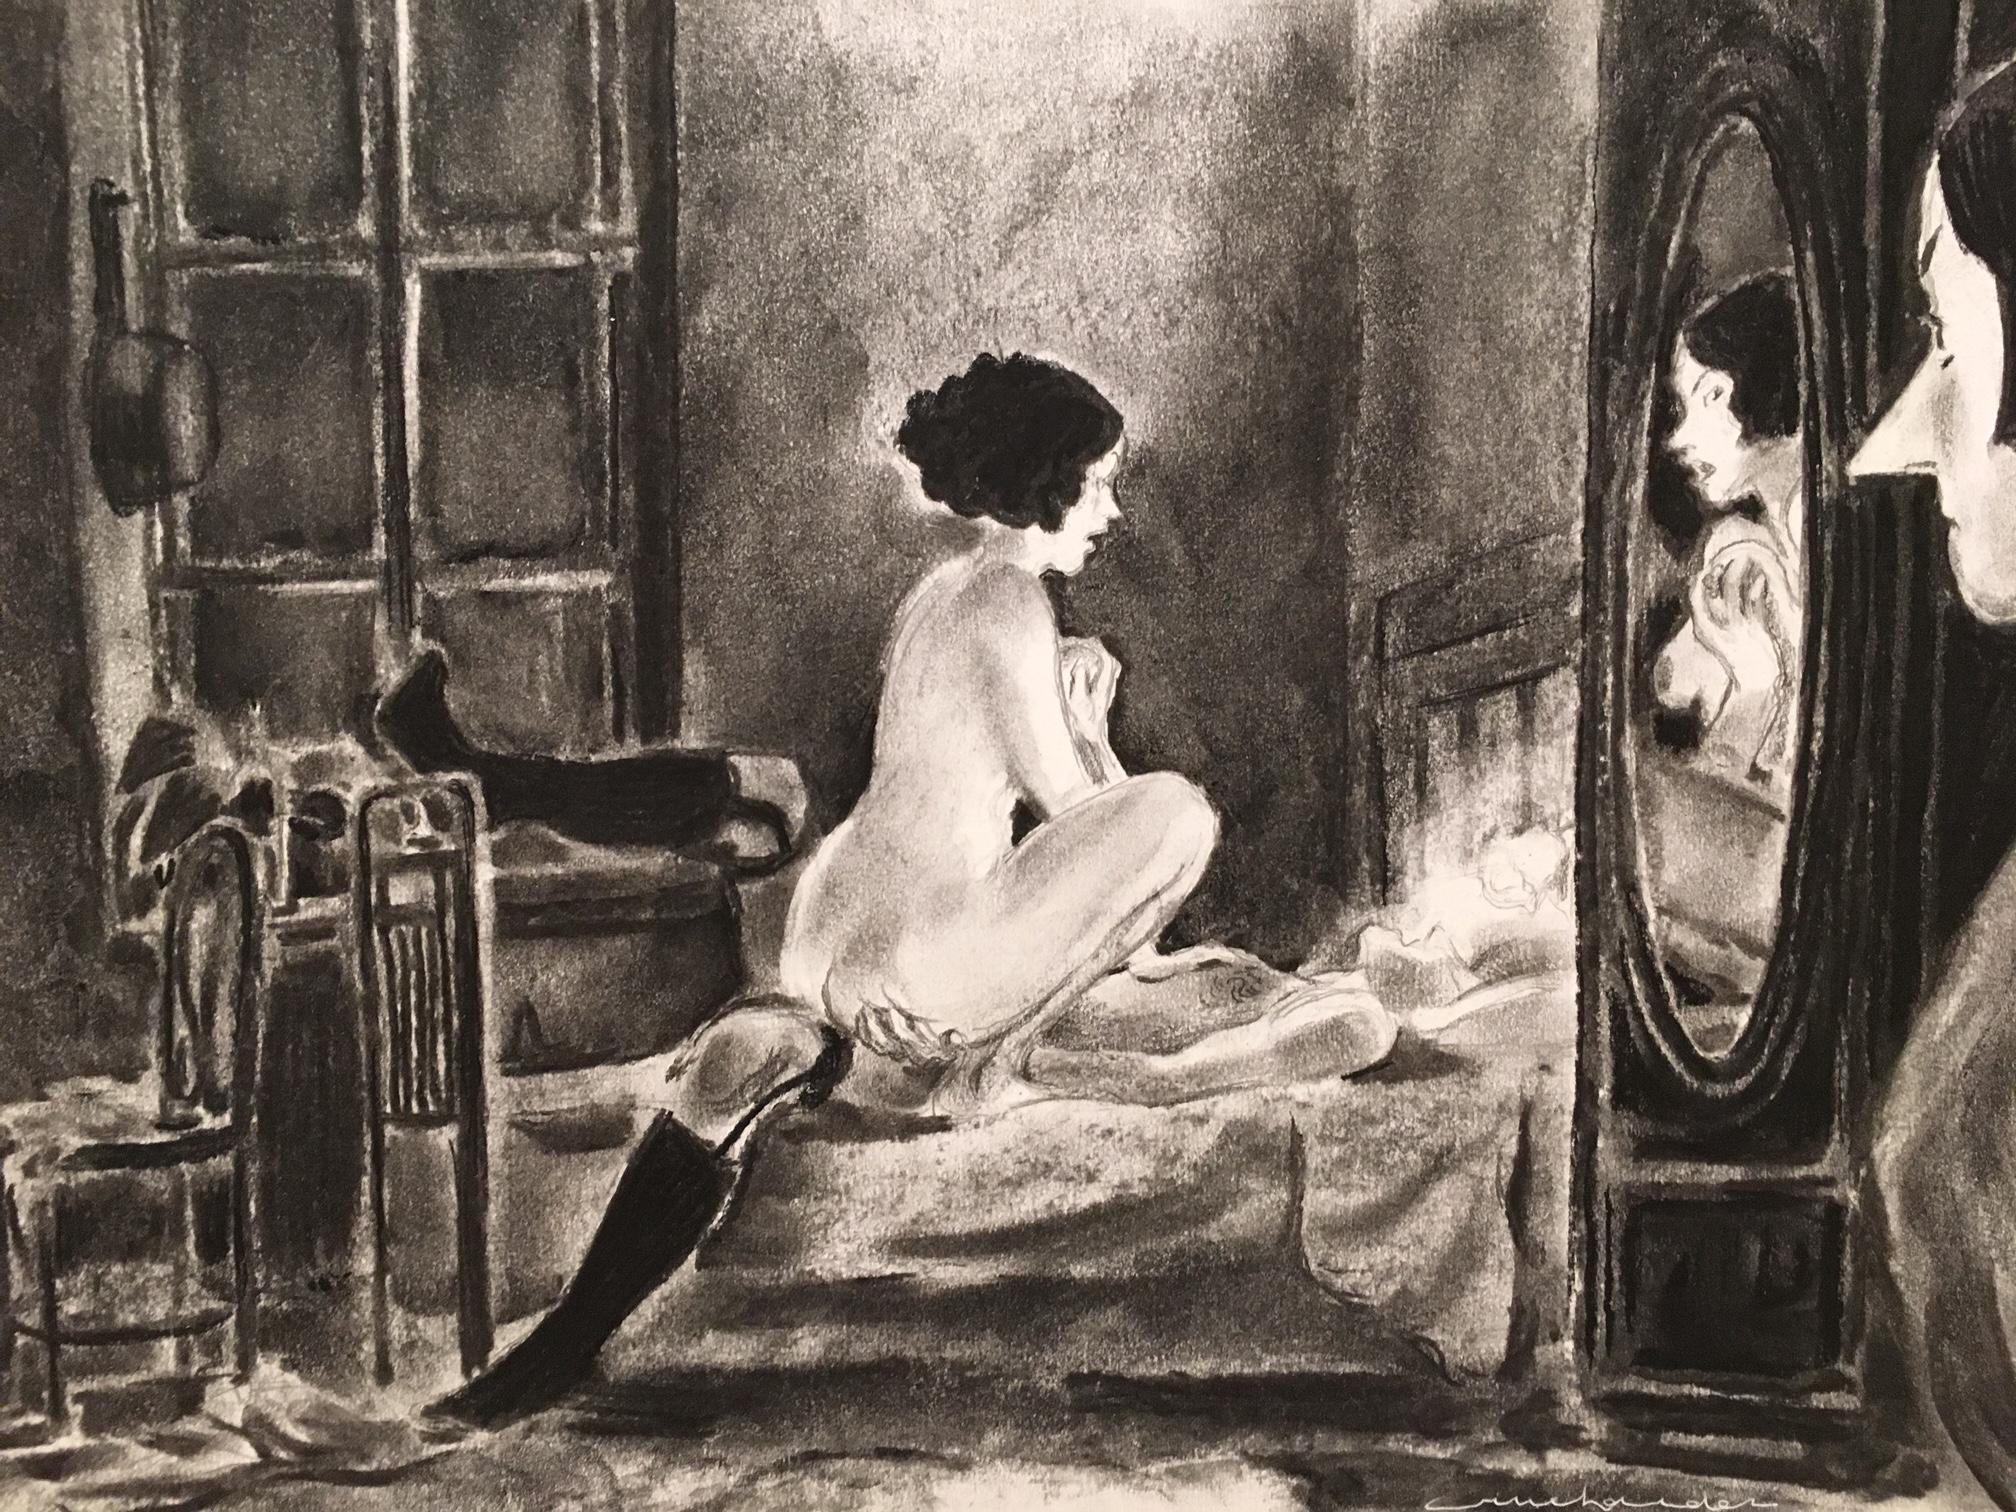 CHLOÉ CRUCHAUDET | GALERIE TREIZE-DIX / LA CHAMBRE | CHLOÉ CRUCHAUDET